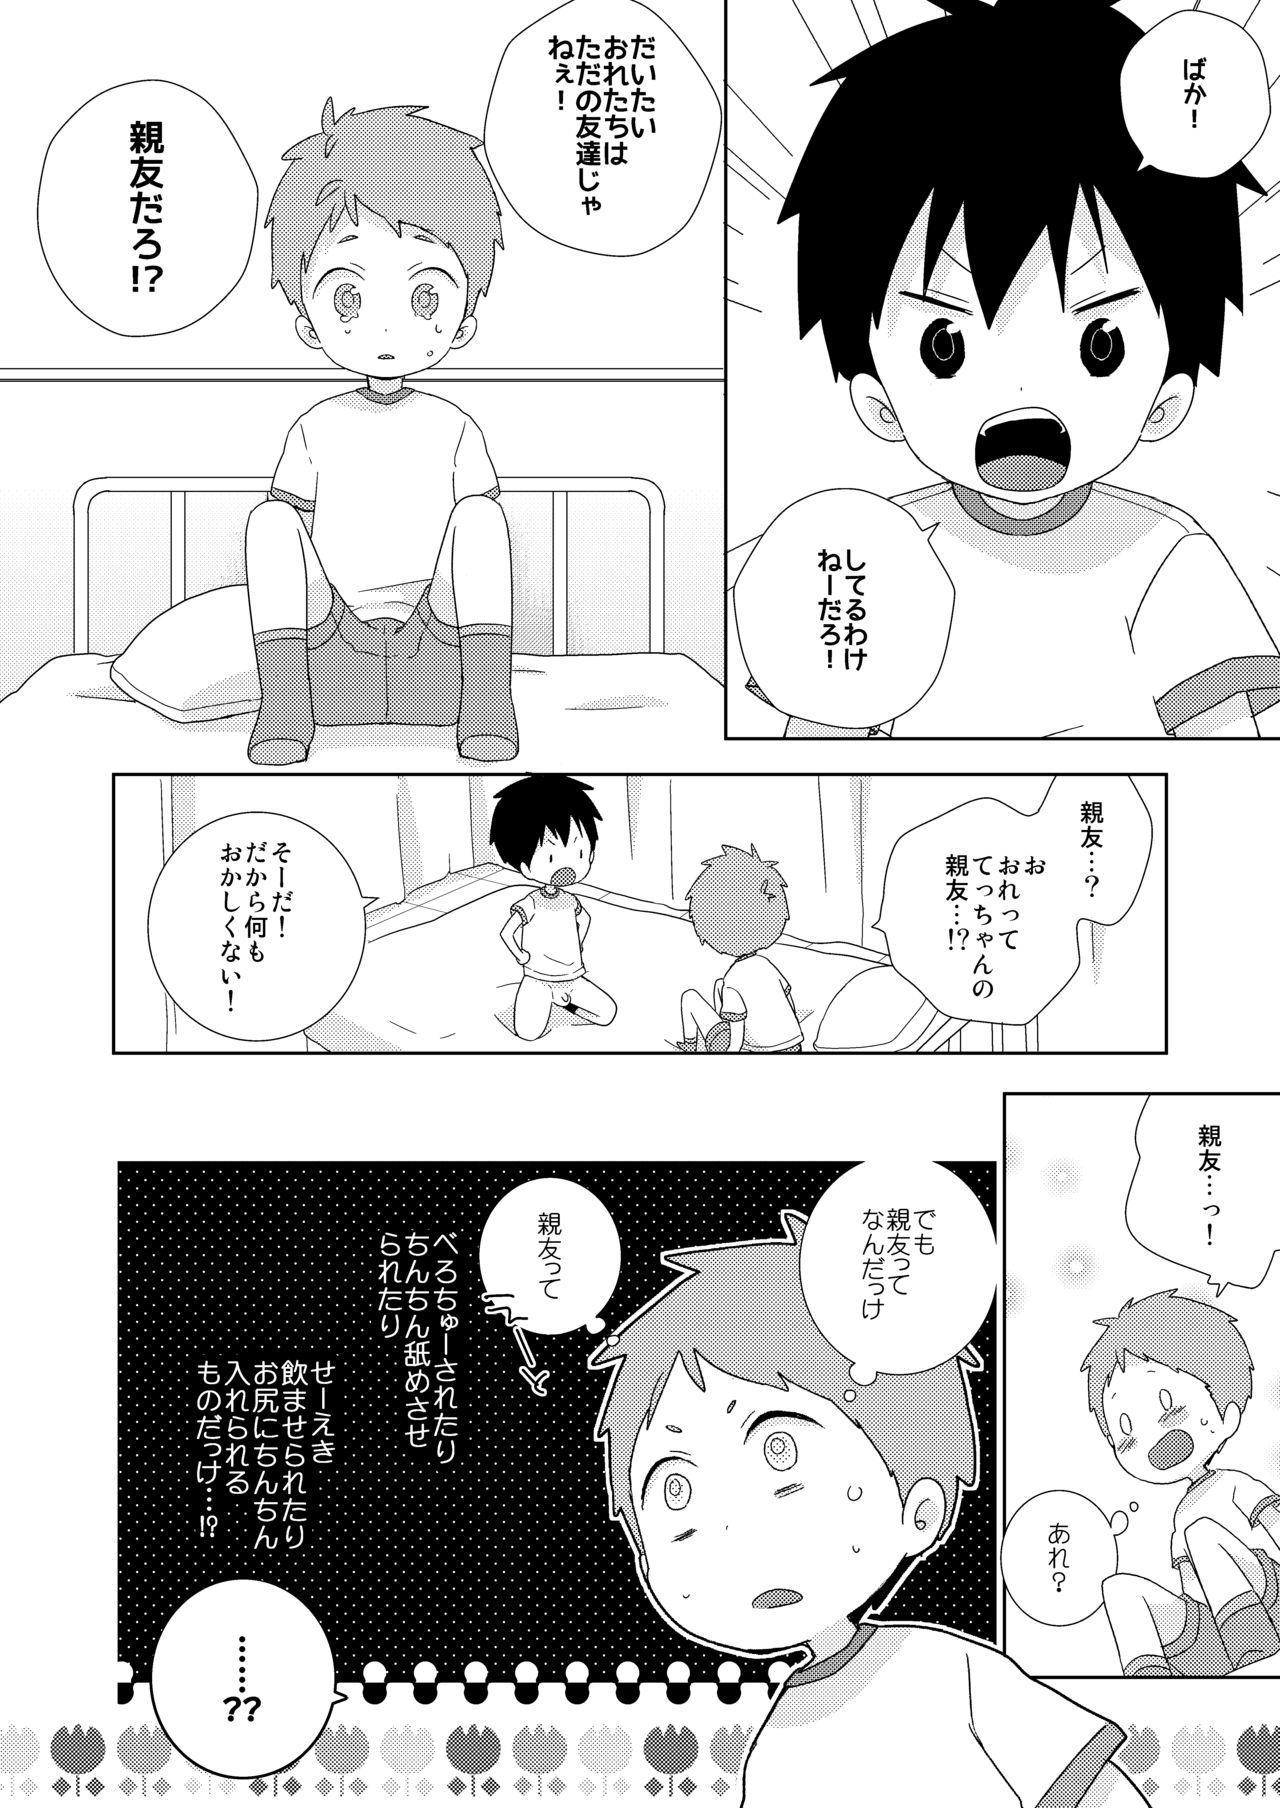 Tomodachi to wa Konna Koto Shinai! 13